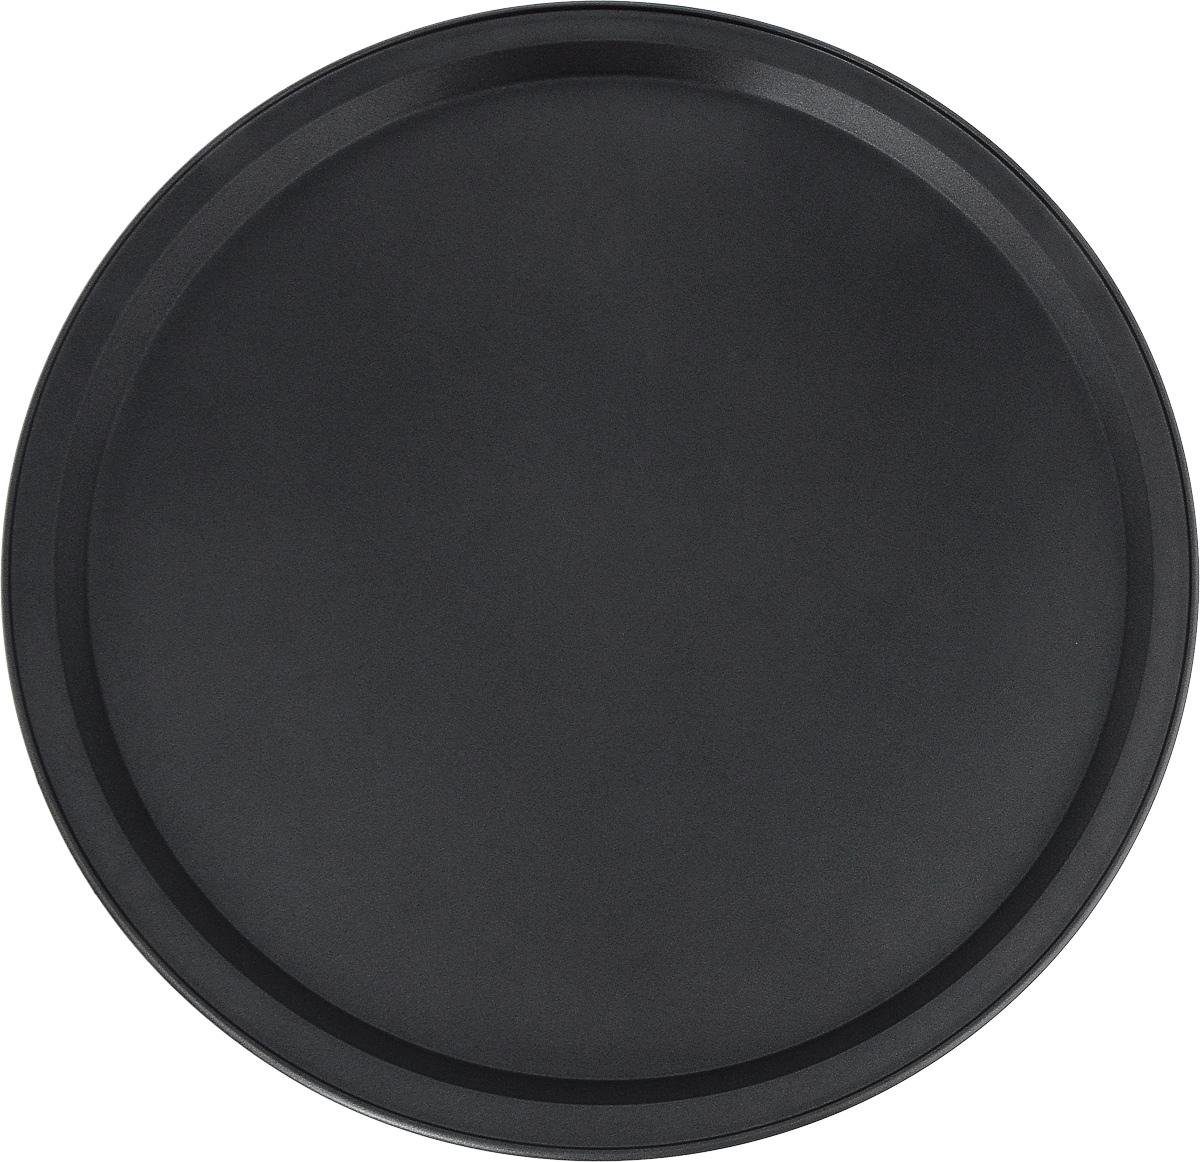 Форма для пиццы Termico Classico, с антипригарным покрытием, диаметр 33 смОБЧ00000338_зигзагамиКруглая форма для пиццы Termico Classico изготовлена из углеродистой стали с антипригарным покрытием. Покрытие экологичное и безопасное для здоровья, оно не содержит примеси PFOA, свинца и кадмия. Благодаря антипригарному покрытию нет необходимости использовать подсолнечное масло. Пища не пригорает и не прилипает к стенкам, легко достается из формы, сохраняя при этом аккуратный внешний вид. Изделие прослужит долго и обеспечит легкое и удобное приготовление вашей любимой пиццы.Можно использовать в духовом шкафу при температуре до 250°С. Внутренний диаметр формы: 30,5 см.Размер формы с учетом ручек: 33 х 33 х 1,8 см.